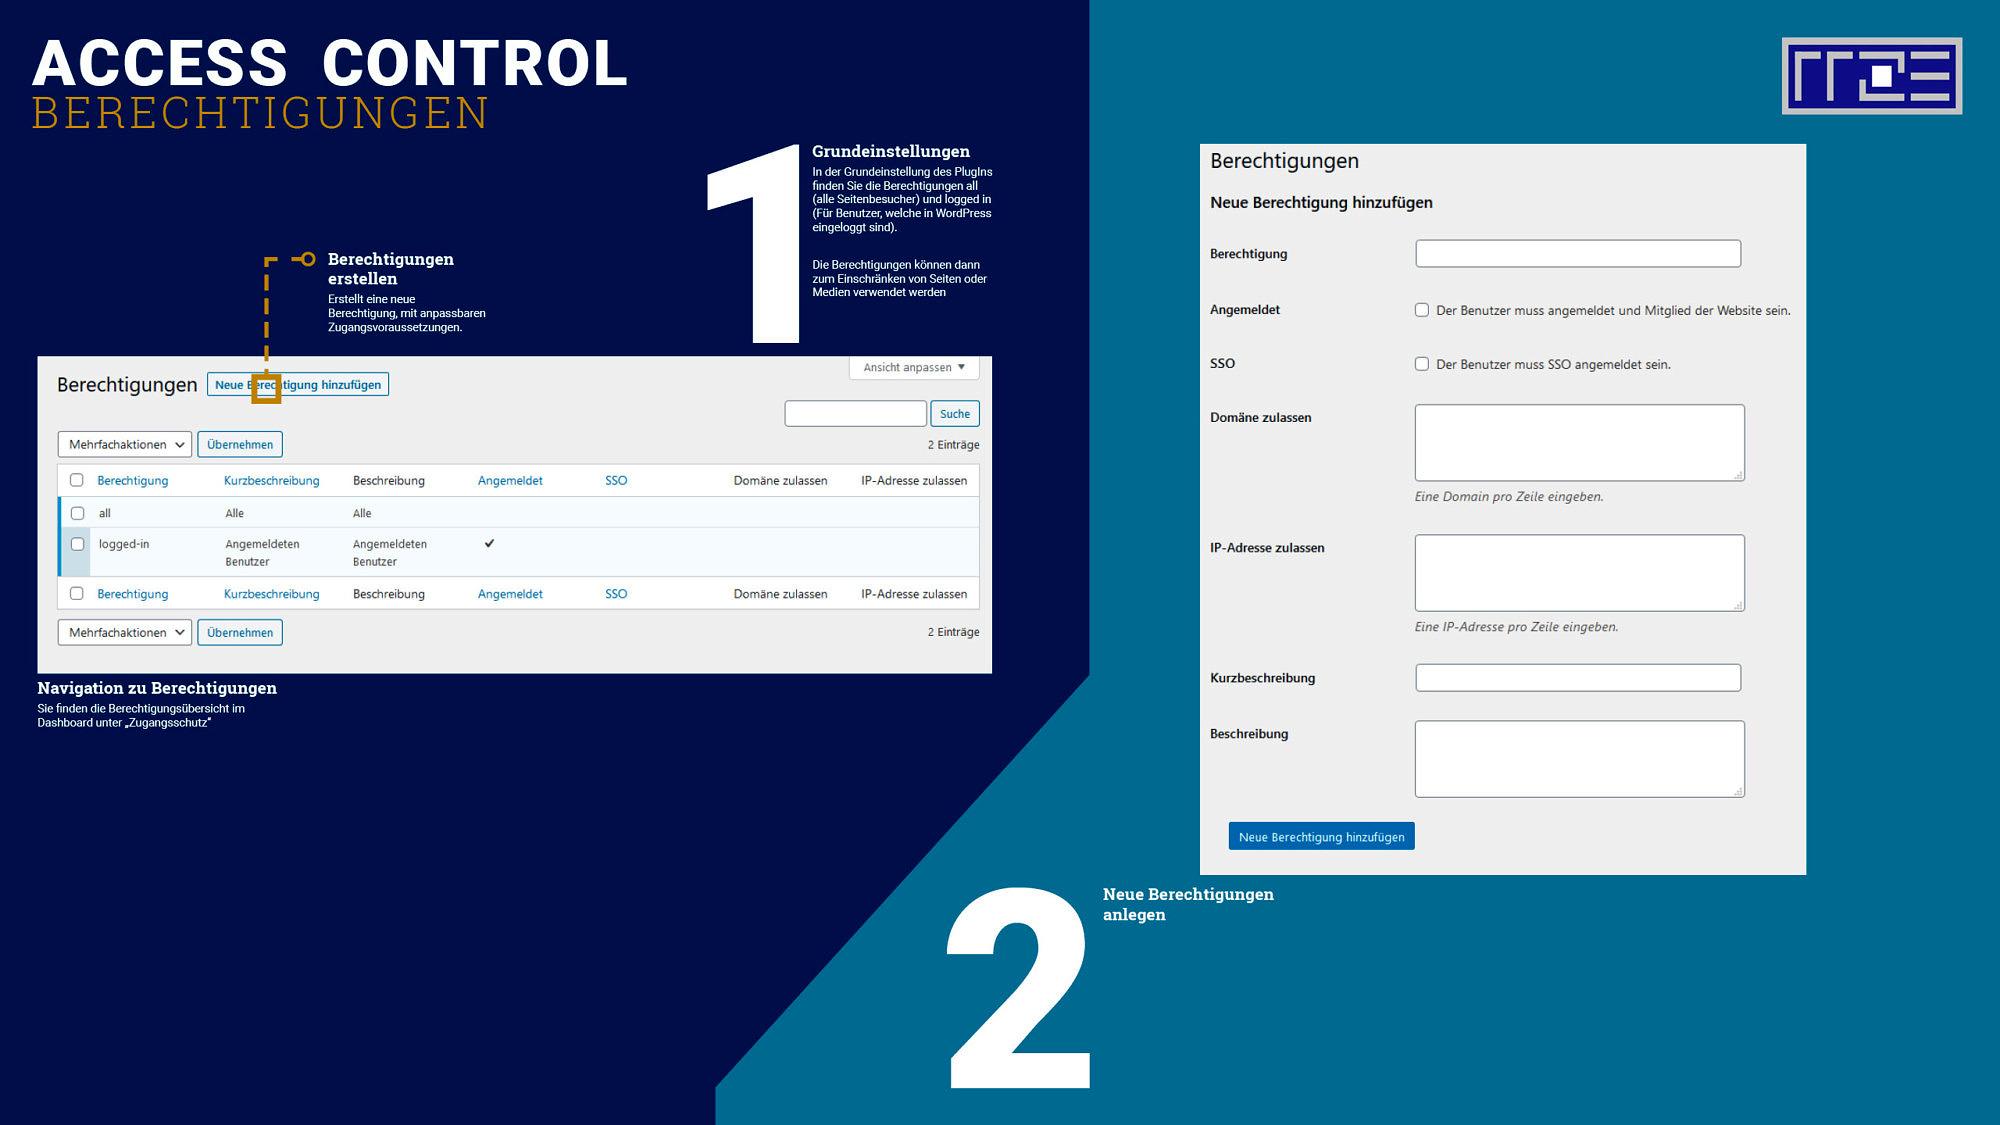 Access Control Schaubild über Berechtigungen